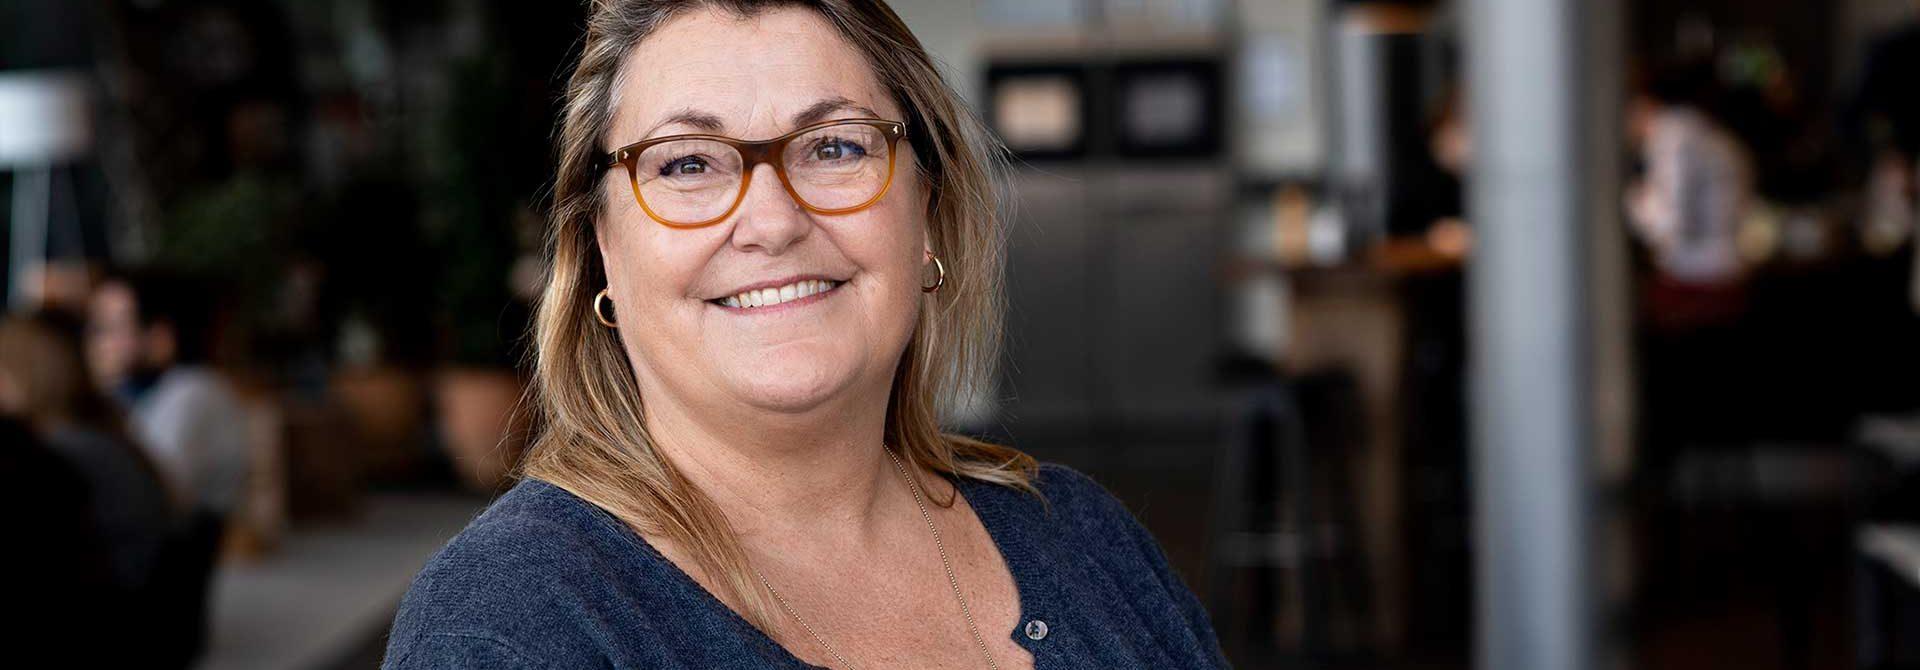 Nanna Højlund, Næstformand, Fagbevægelsens Hovedorganisation